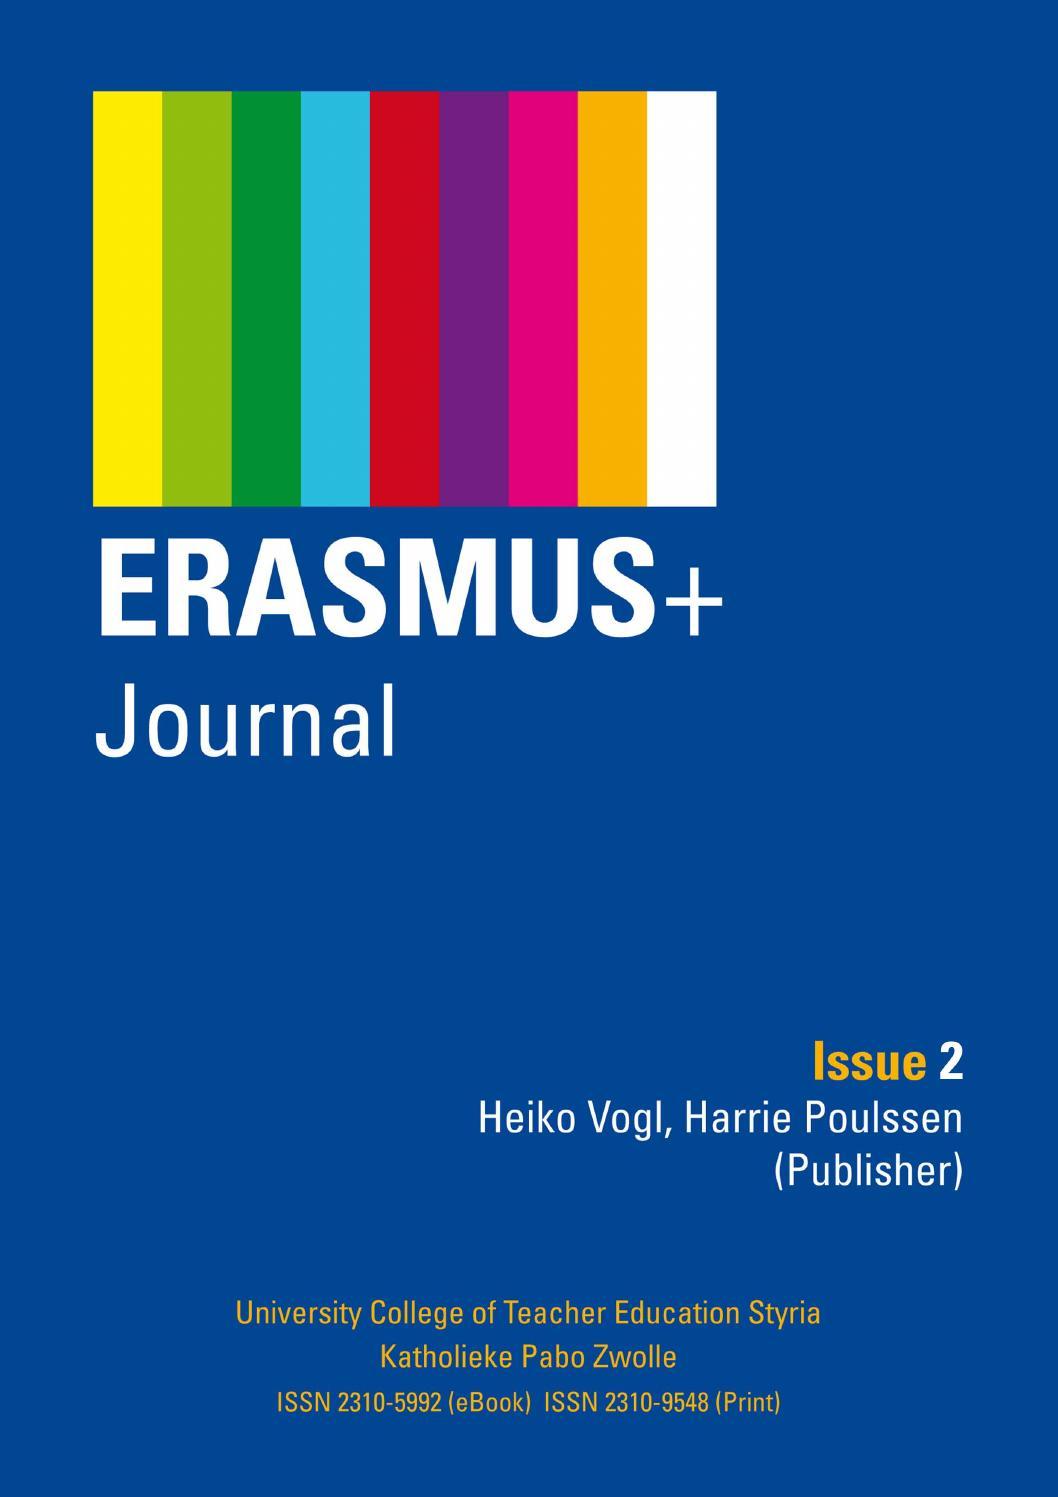 Erasmus+ Journal Issue 2 By Heiko Vogl   Issuu